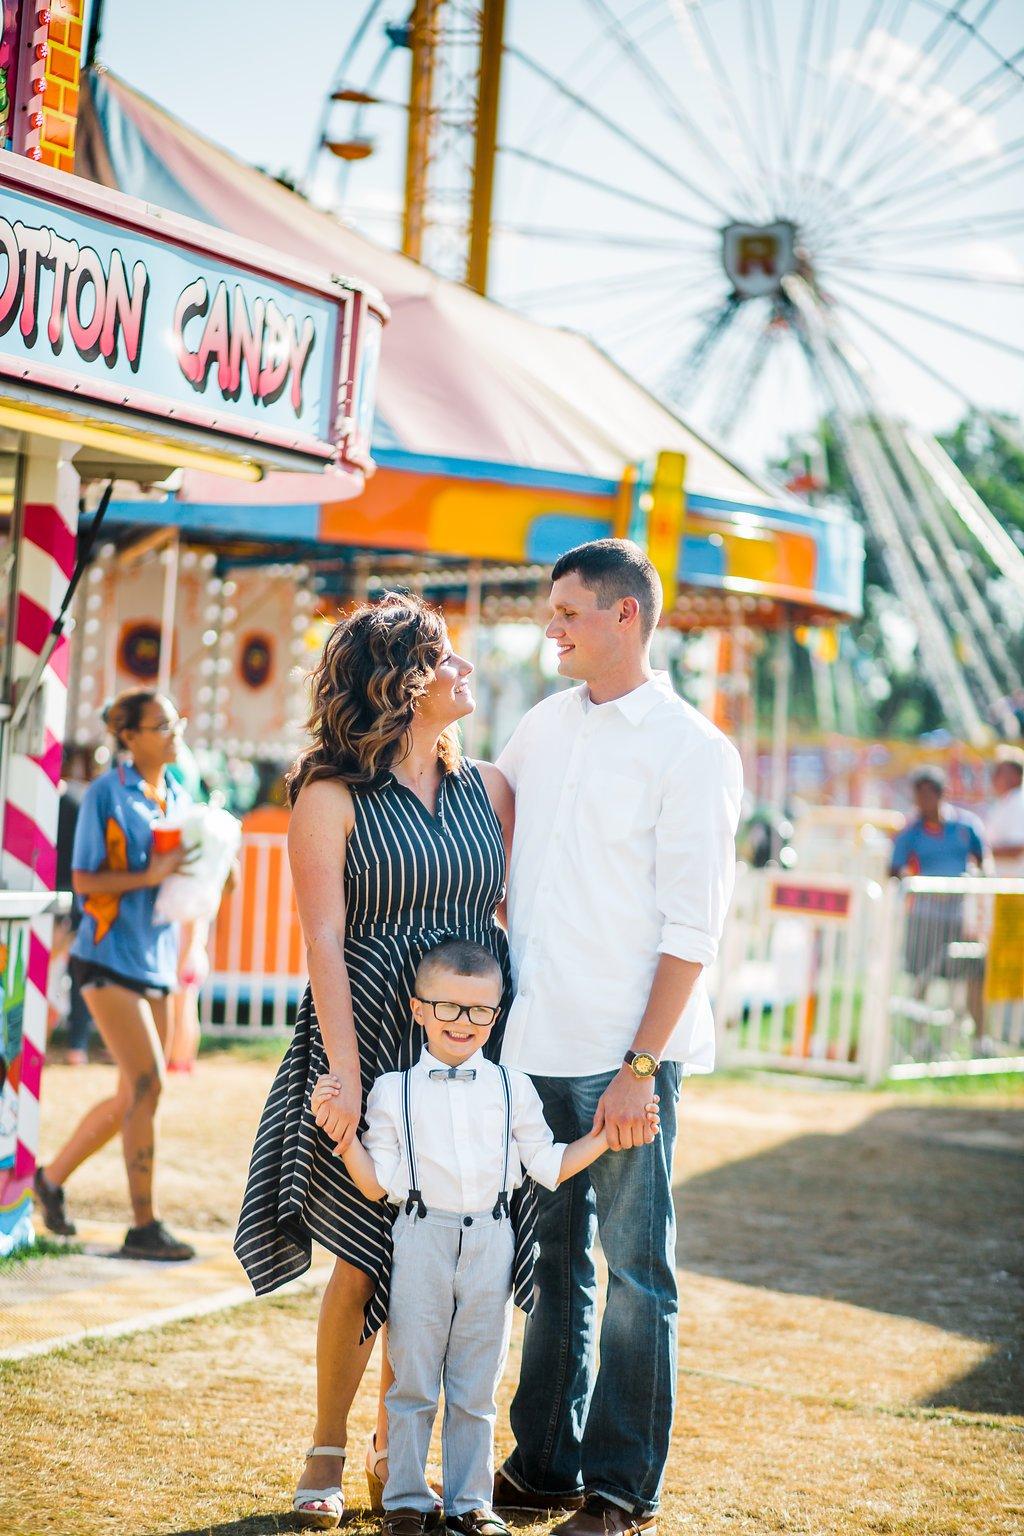 Carnival Engagement Photos Boonsboro Maryland A Natural Portayal Photography Lauren King Fun Engagement Shoot Idea